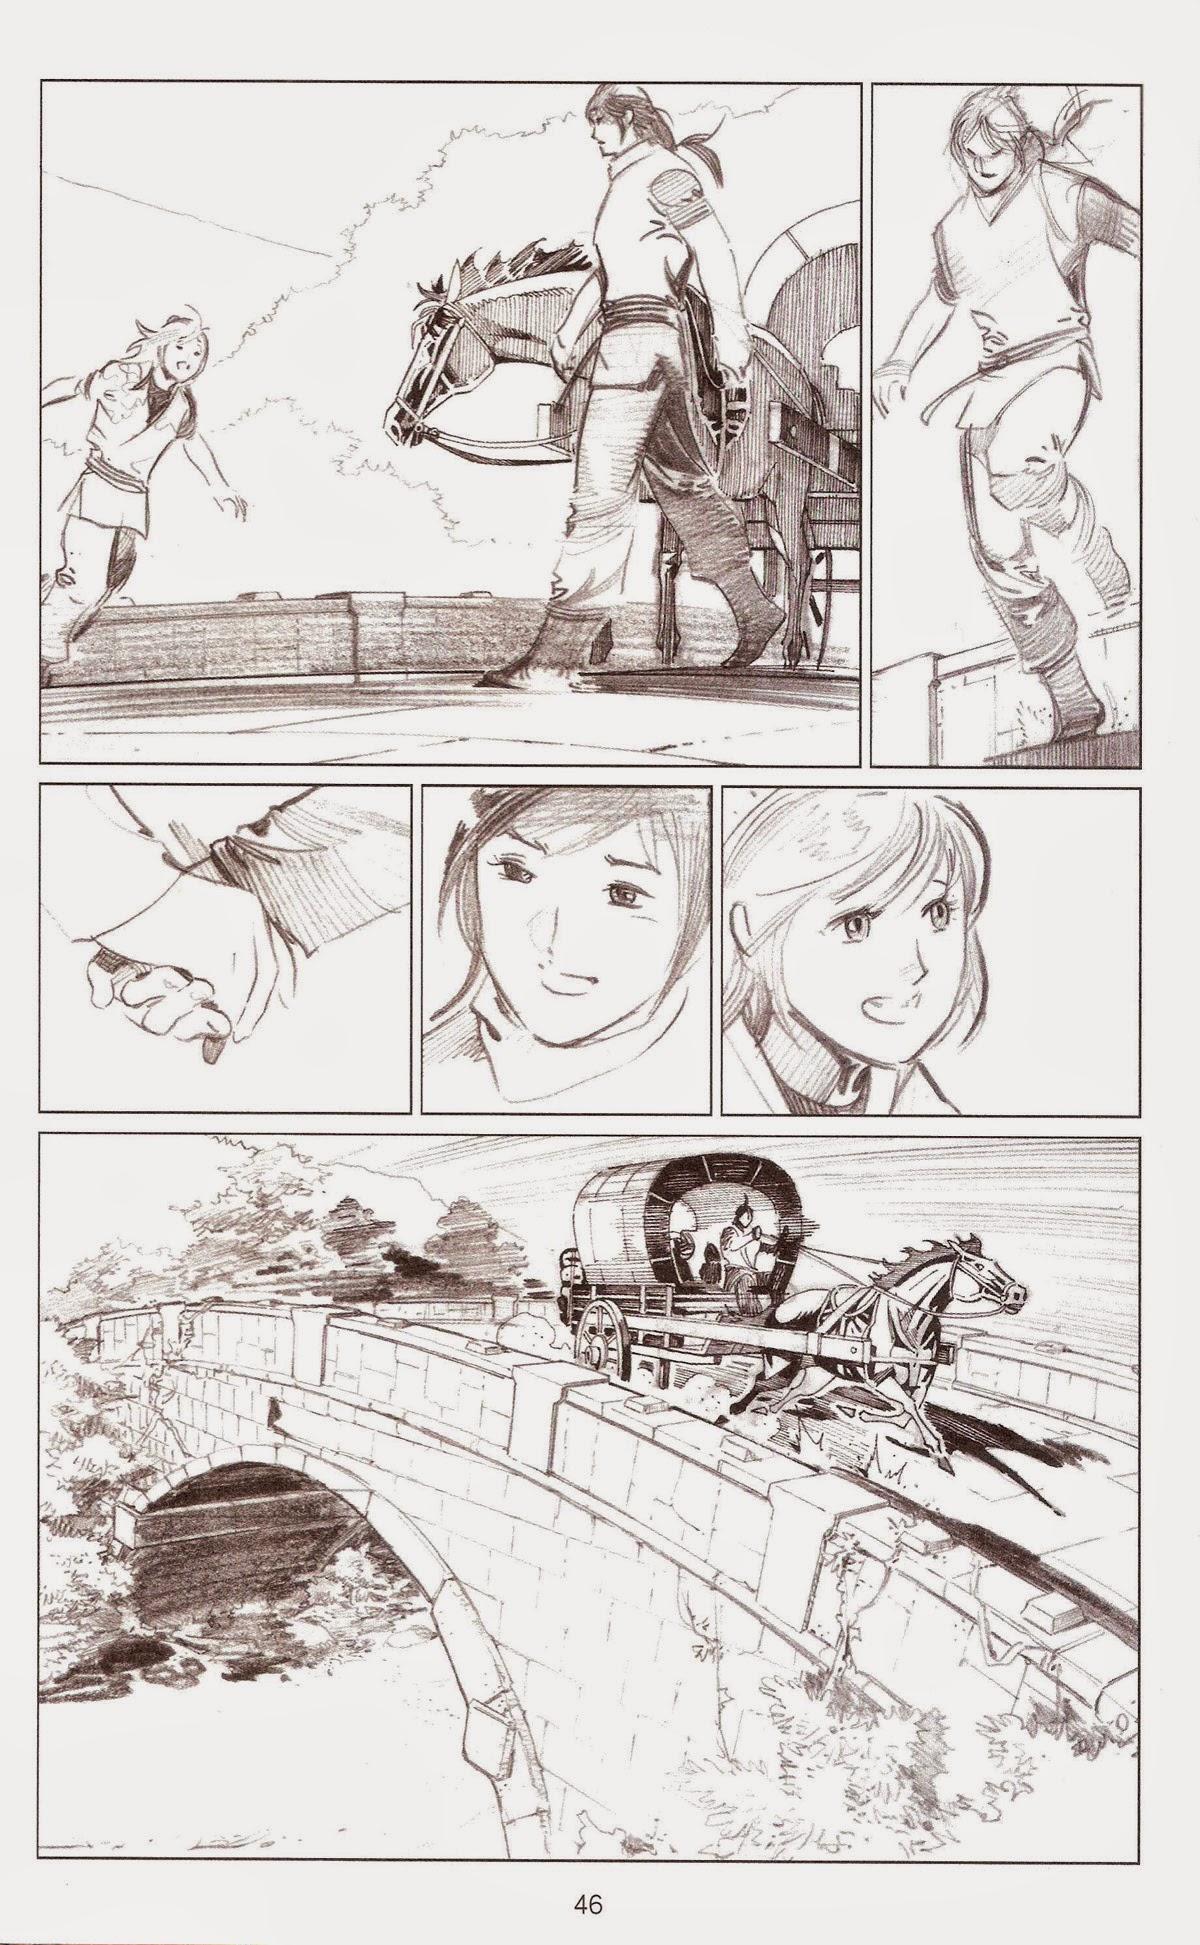 Phong Vân chap 675 - Trang 44